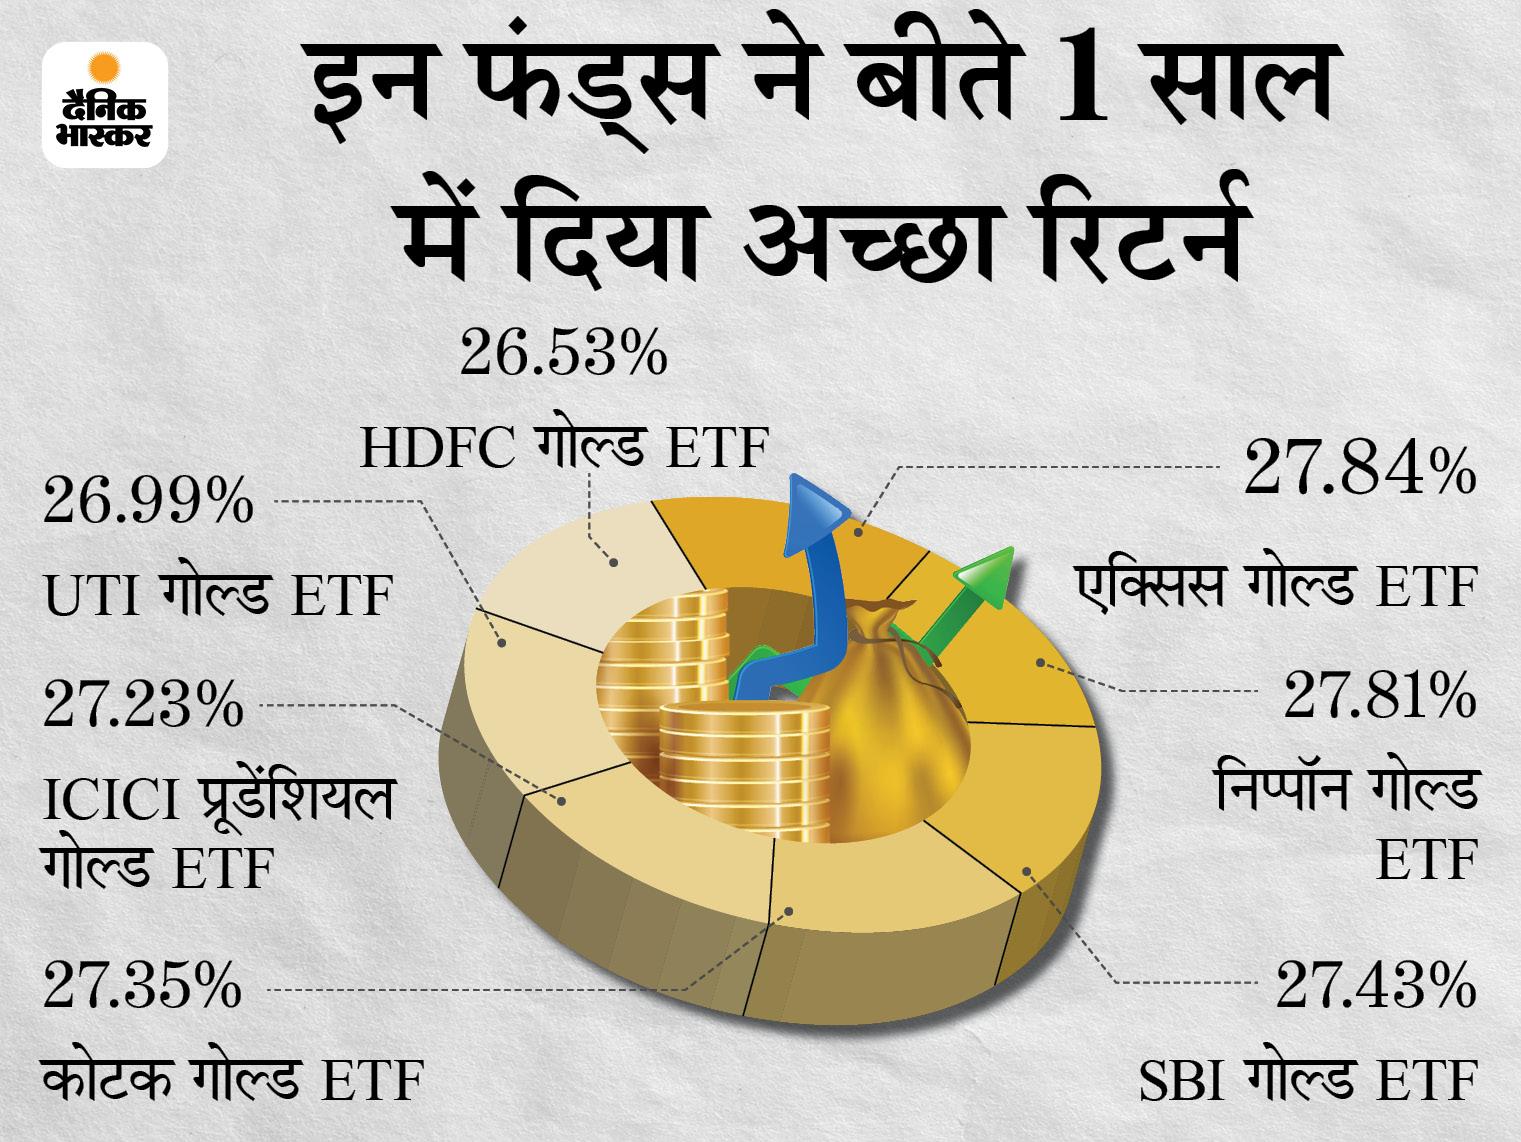 इस अक्षय तृतीया ज्वैलरी नहीं गोल्ड ETF में निवेश करना रहेगा सही, यहां आपको मिल सकता है ज्यादा फायदा|बिजनेस,Business - Dainik Bhaskar